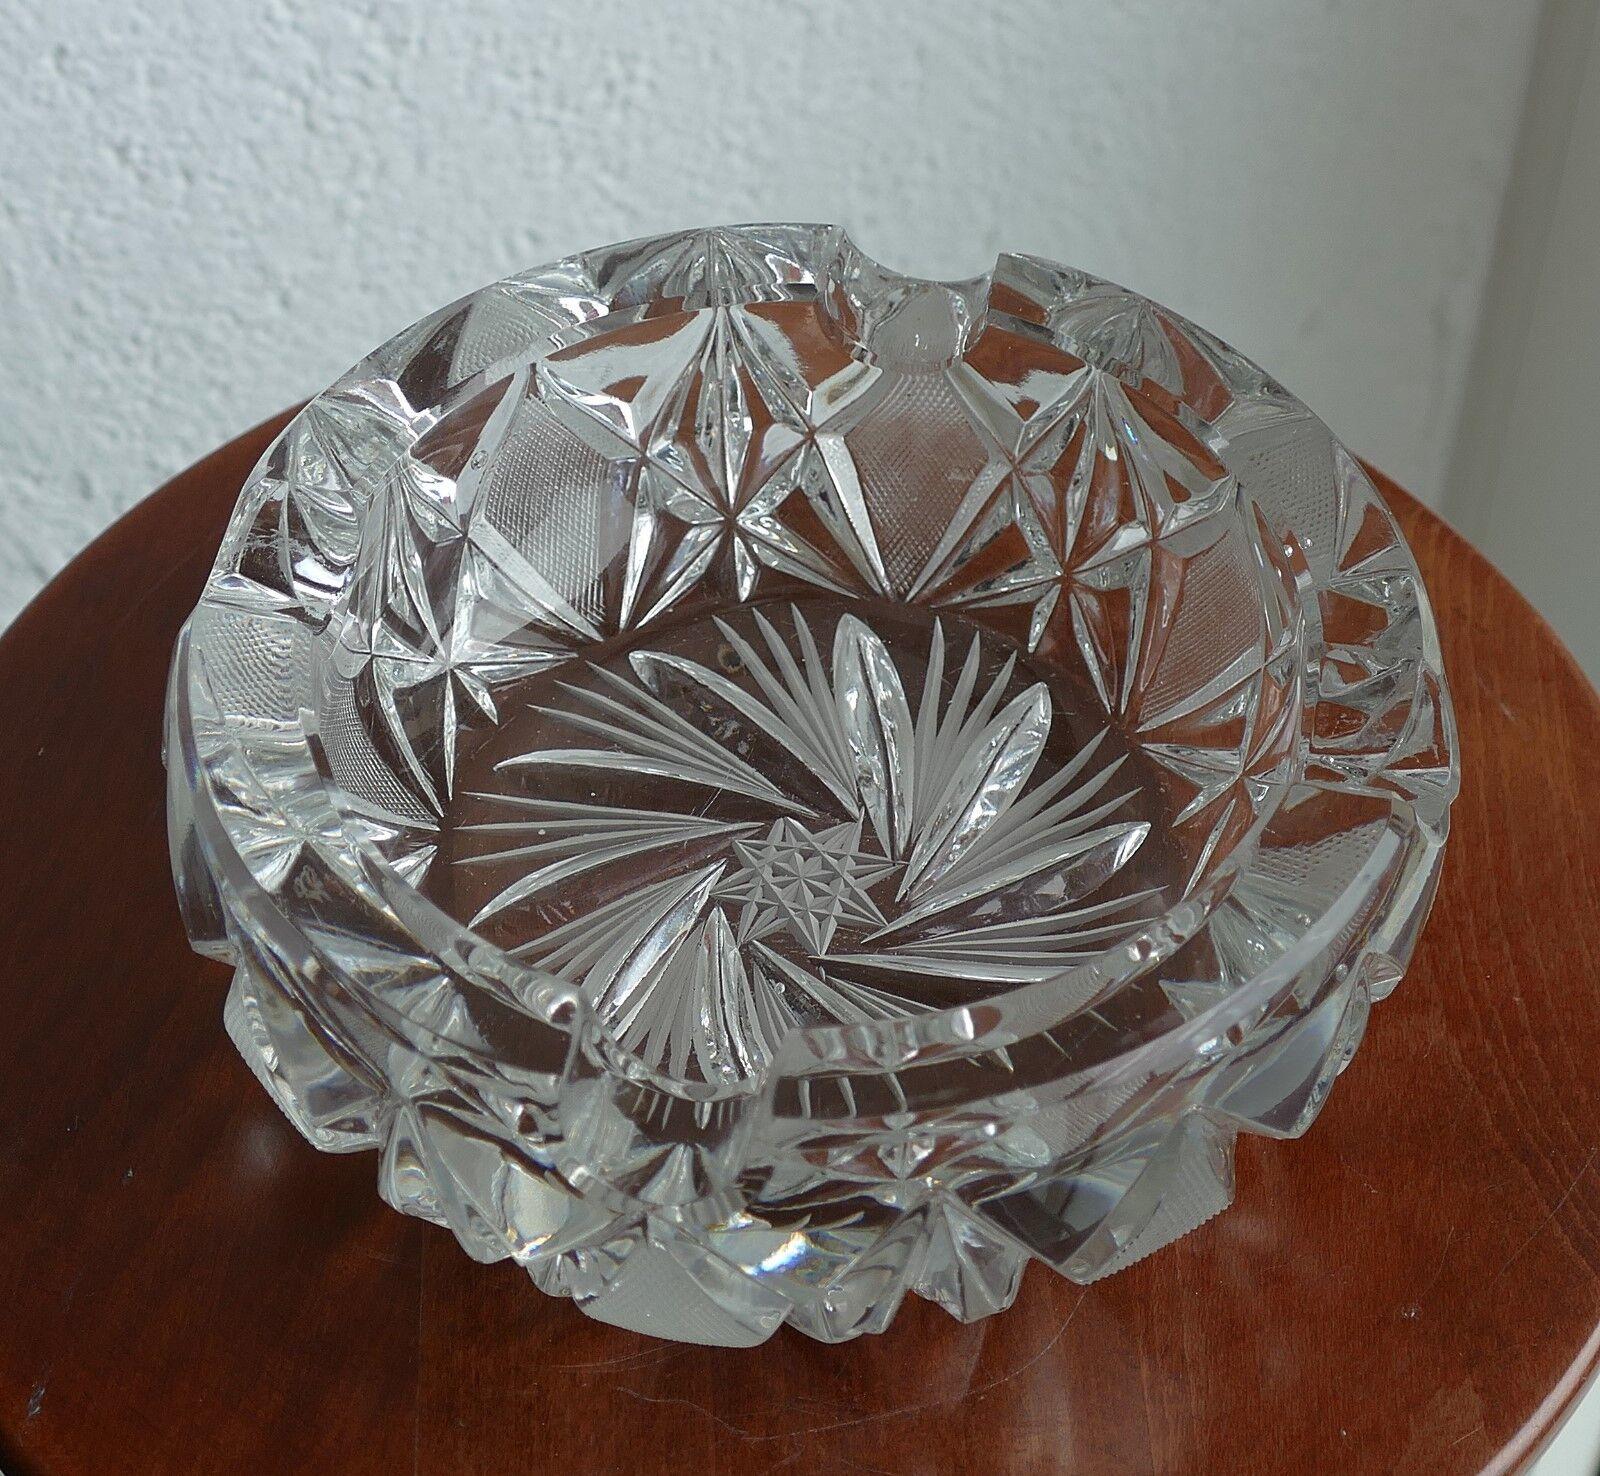 Bleikristall Aschenbecher in schwerer Ausführung - Sternenschliff 1,49 kg   Perfekte Verarbeitung